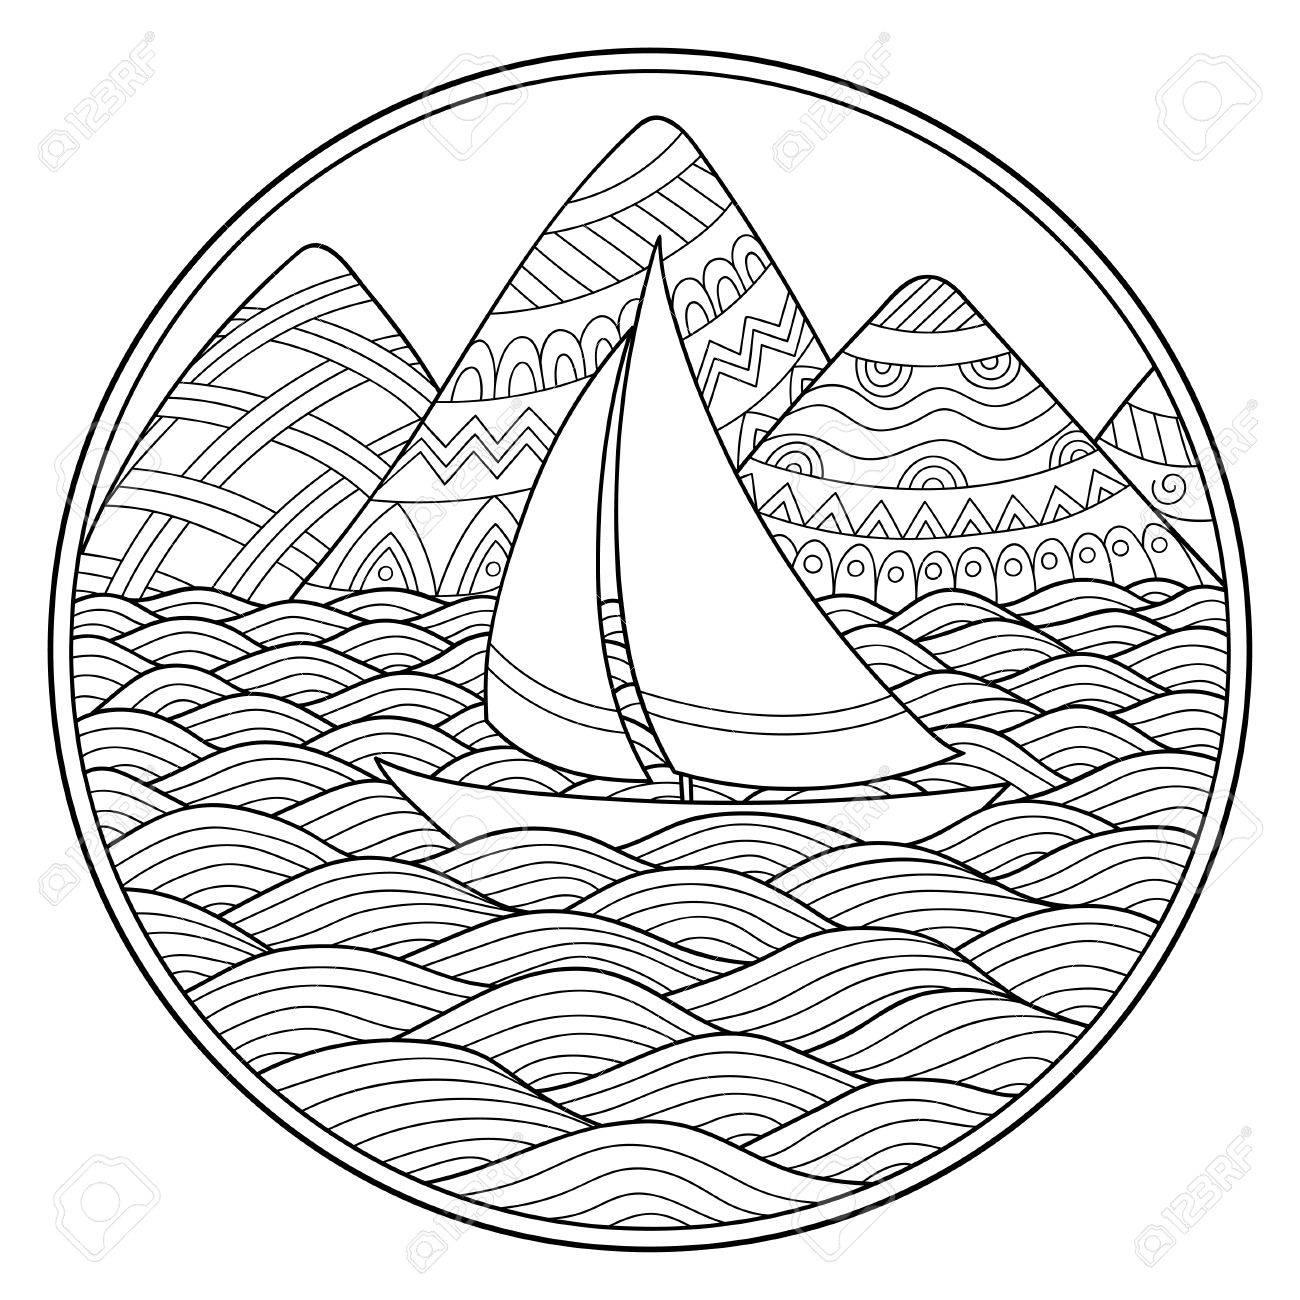 Doodle Patrón En Blanco Y Negro Patrón De Paisaje Para Colorear Montañas Ríos Montañas Mar Barco Yate Orilla Vela Onda Océano